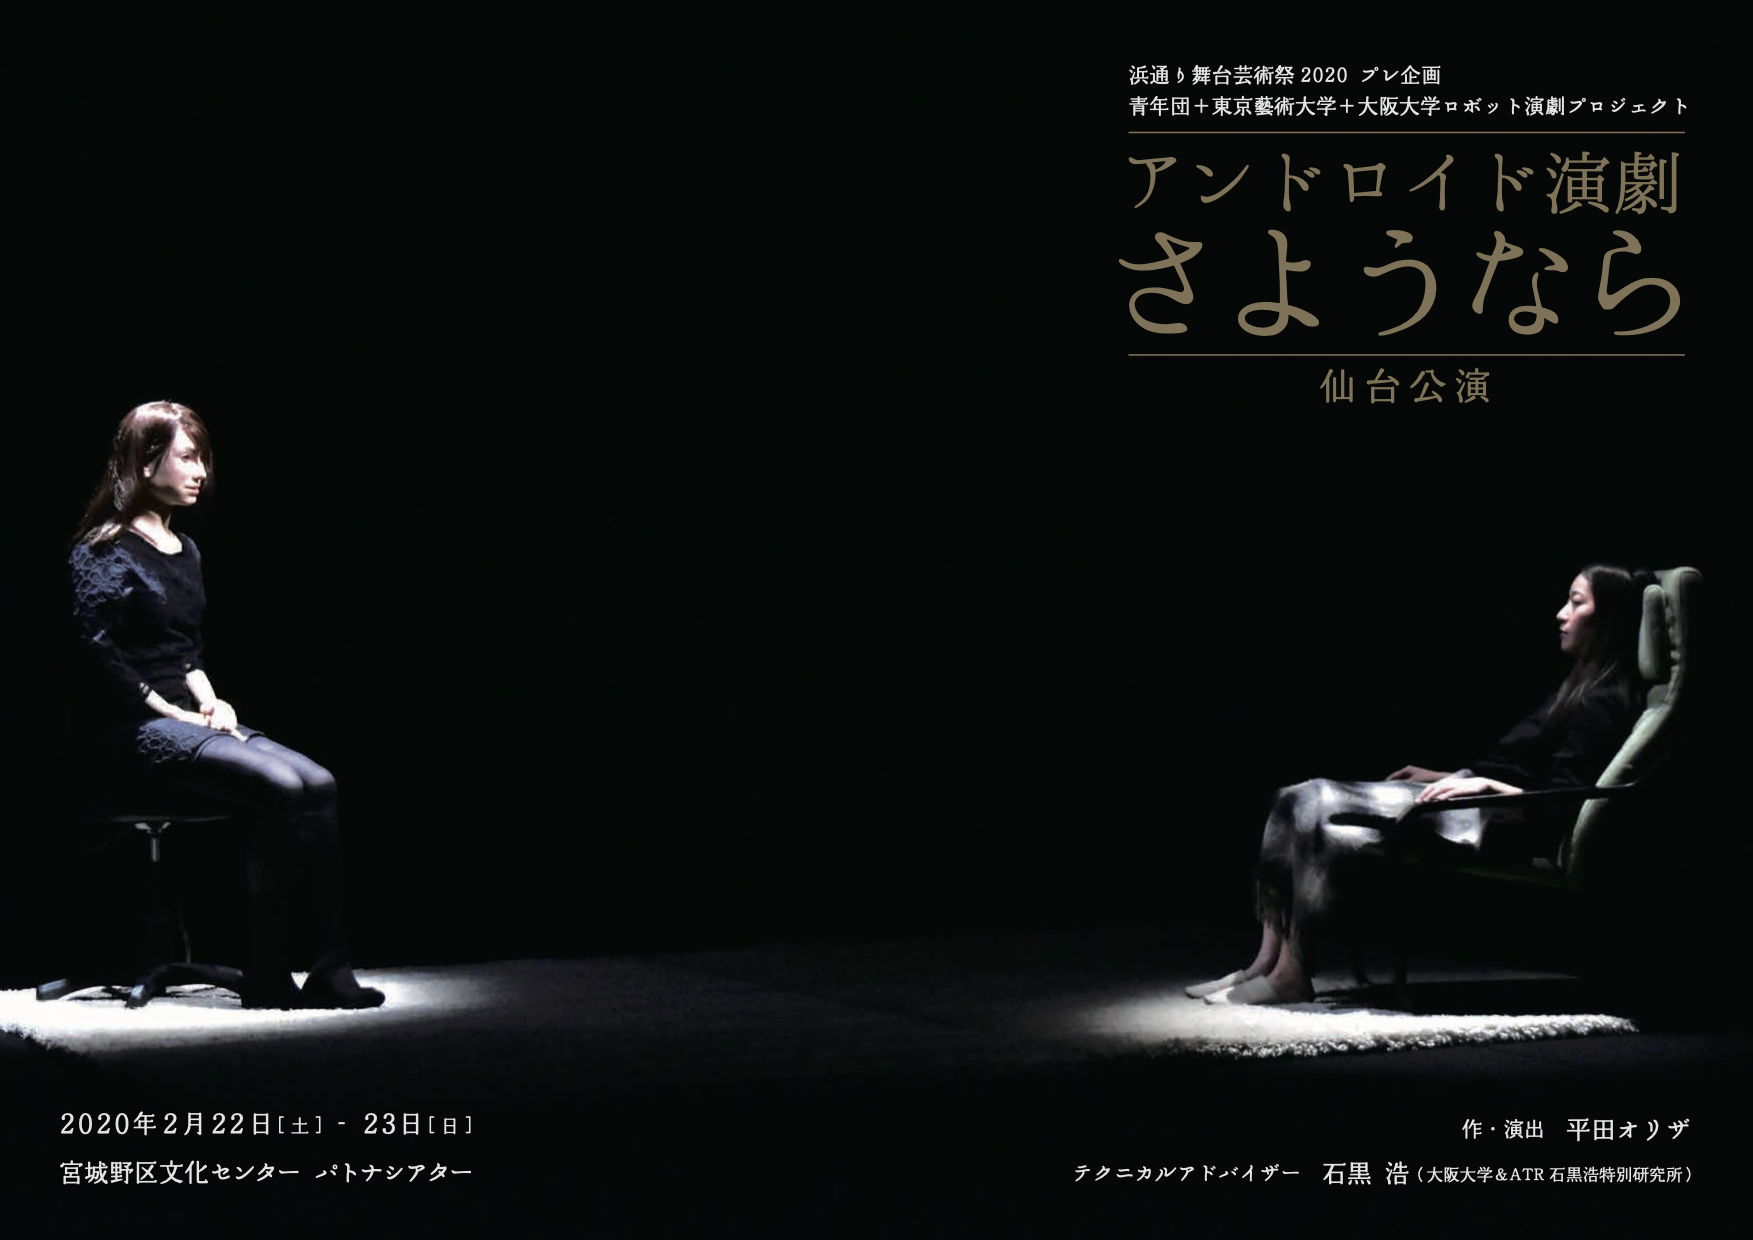 アンドロイド演劇「さようなら」仙台公演